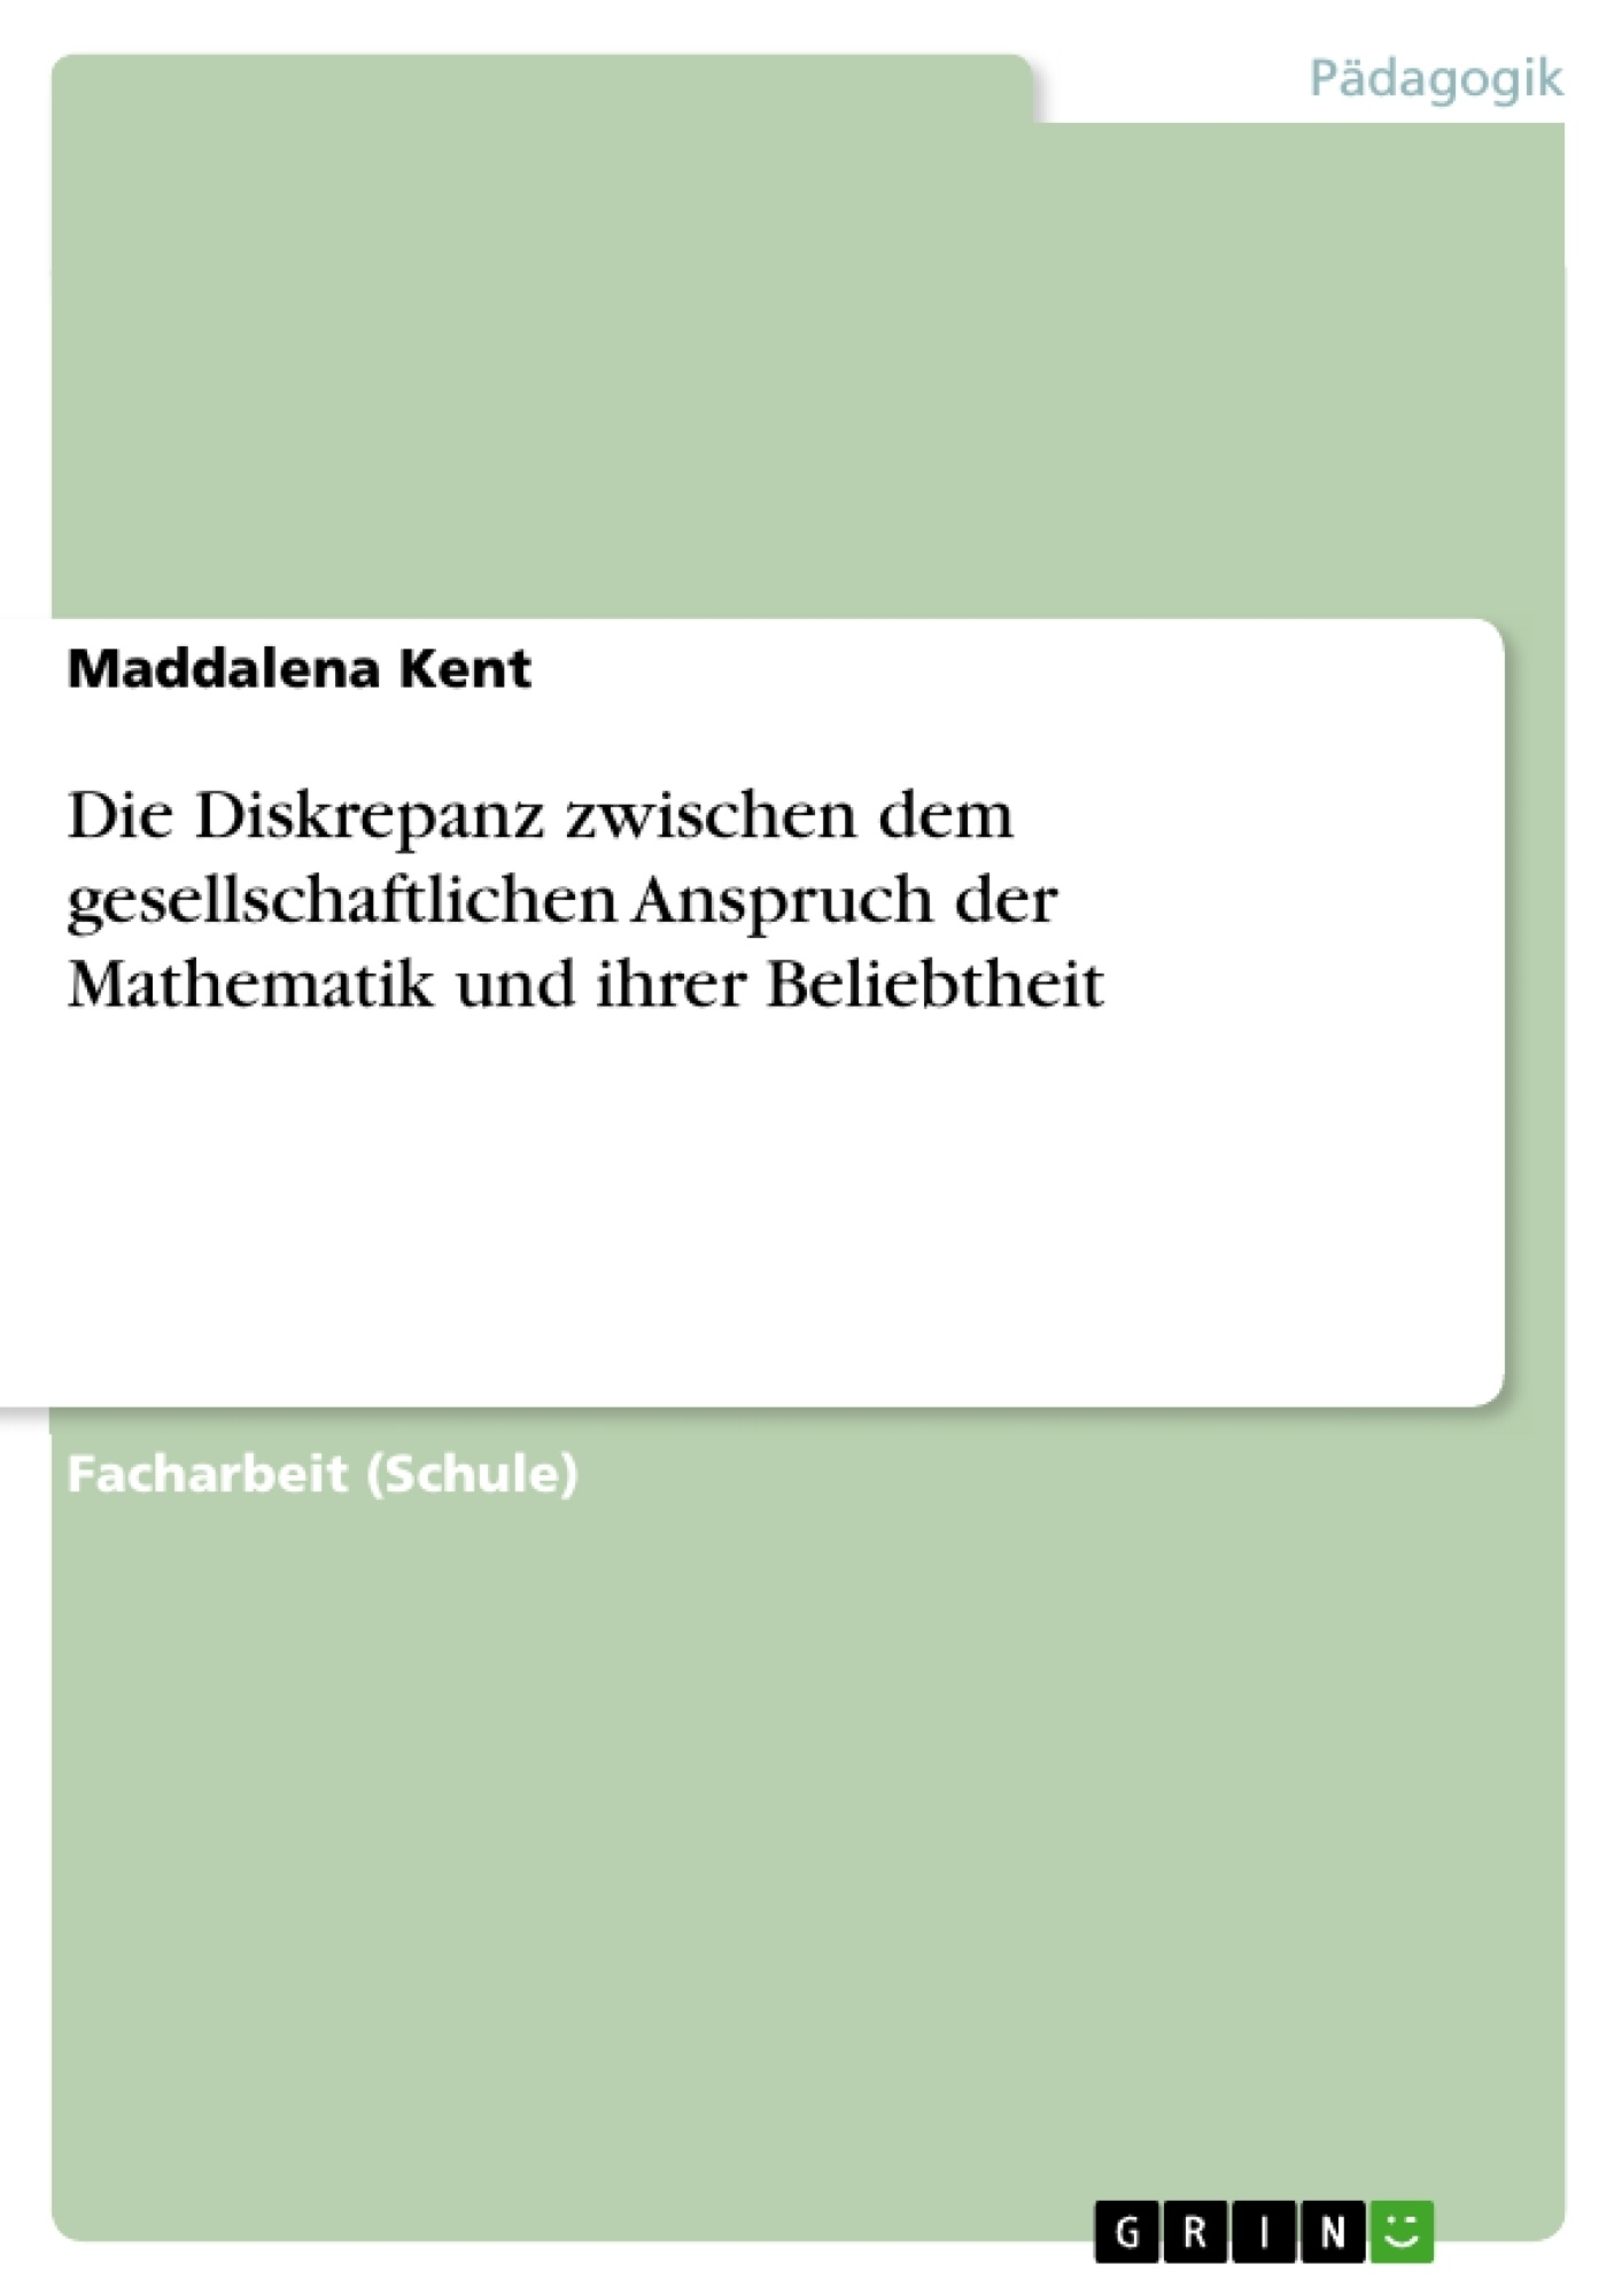 Titel: Die Diskrepanz zwischen dem gesellschaftlichen Anspruch der Mathematik und ihrer Beliebtheit